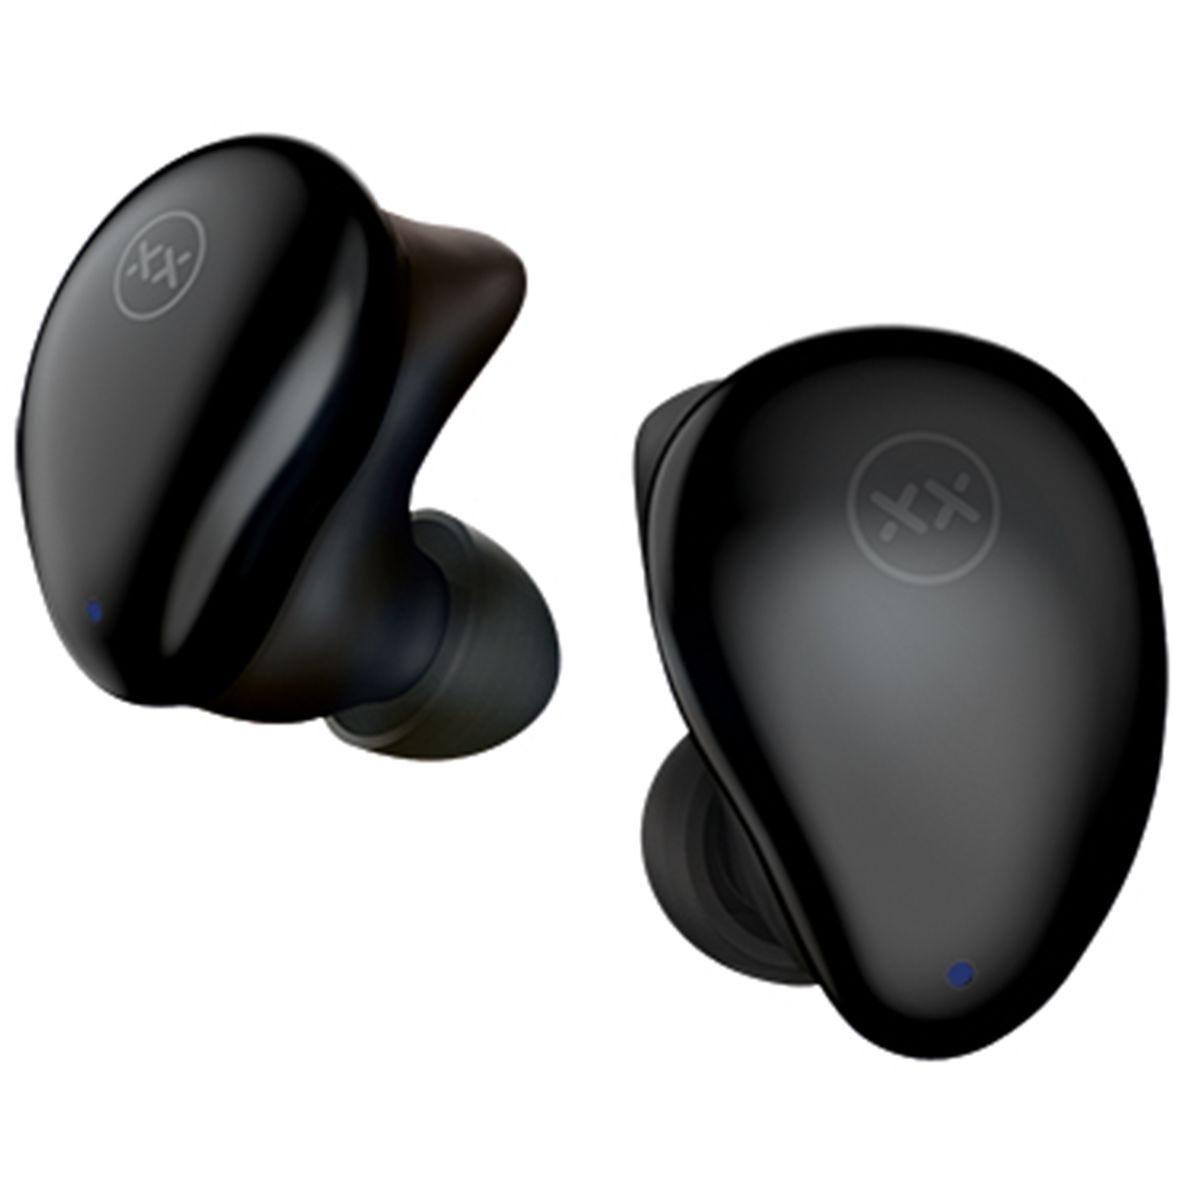 MIXX Streambuds TrueFit True Wireless Earbuds with Docking Station - Midnight Black